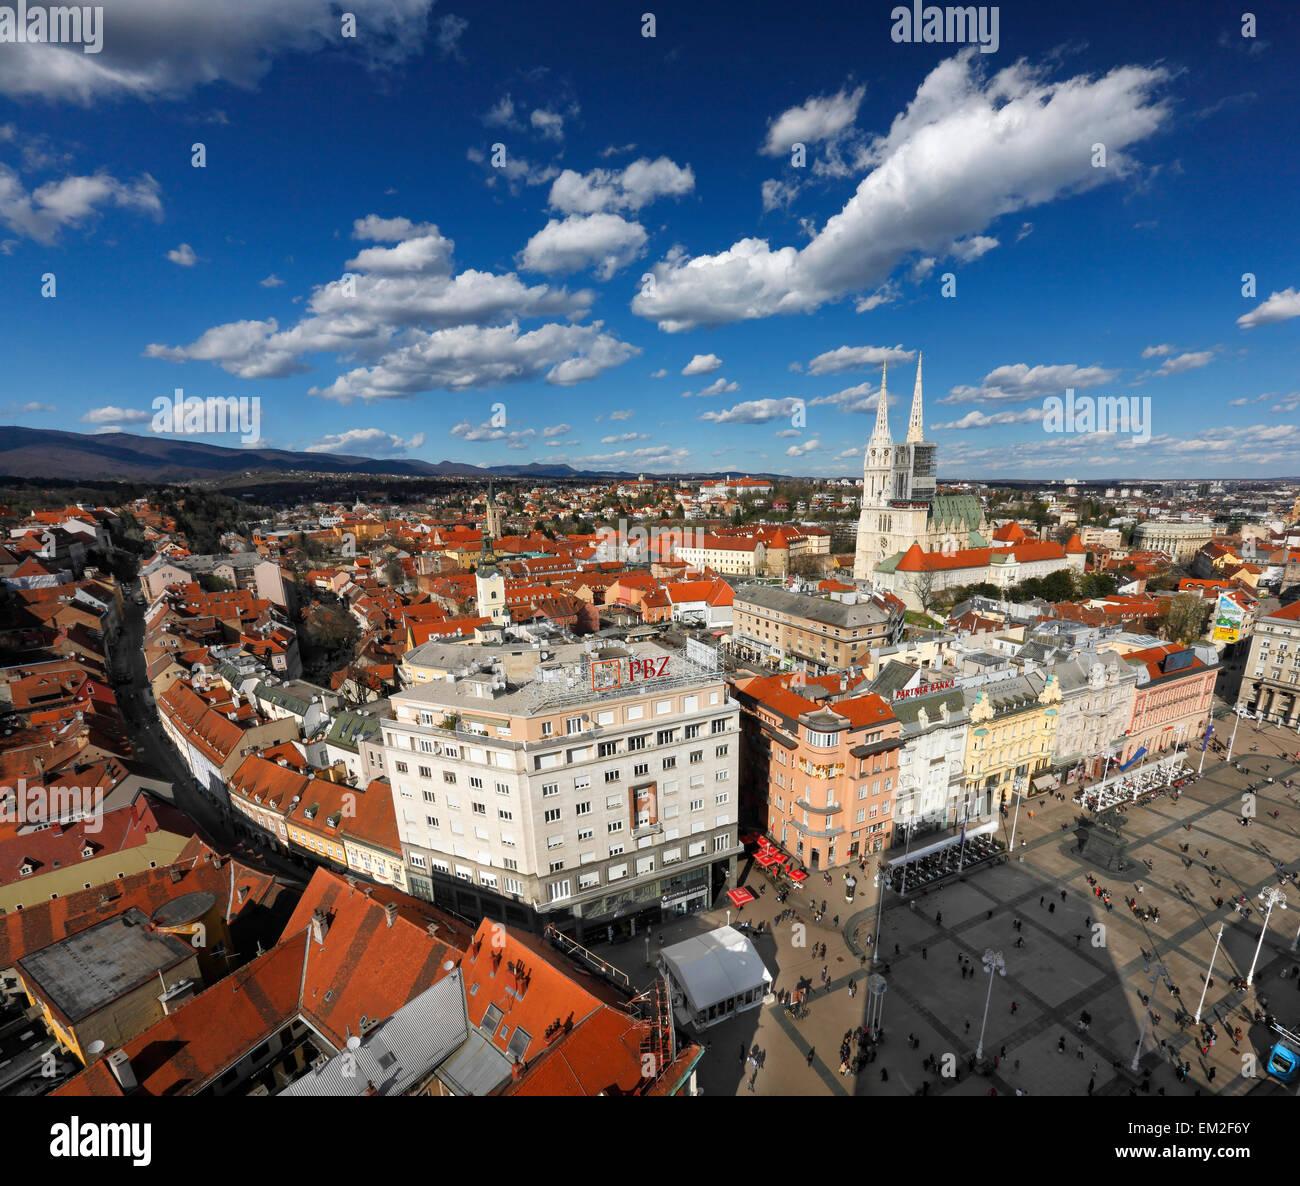 Luftaufnahme von Zagreb. Jelacic Platz und Kathedrale von Zagreb. Stockbild